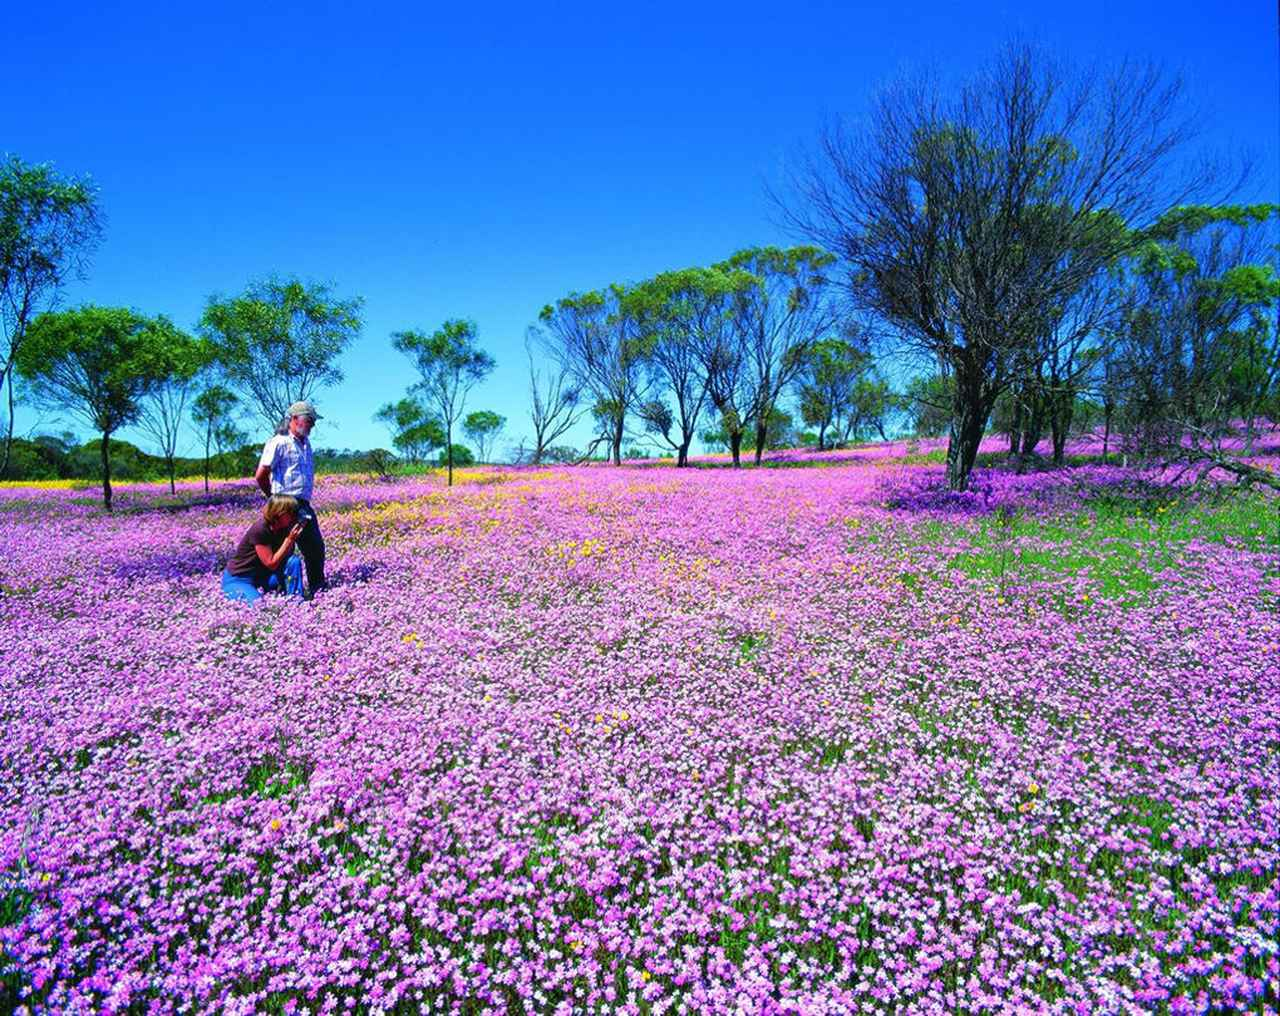 画像: 中西部のMullewa付近のピンクエバーラスティングの群生 (西オーストラリア州政府観光局より)※自然現象のためご覧いただけない場合があります